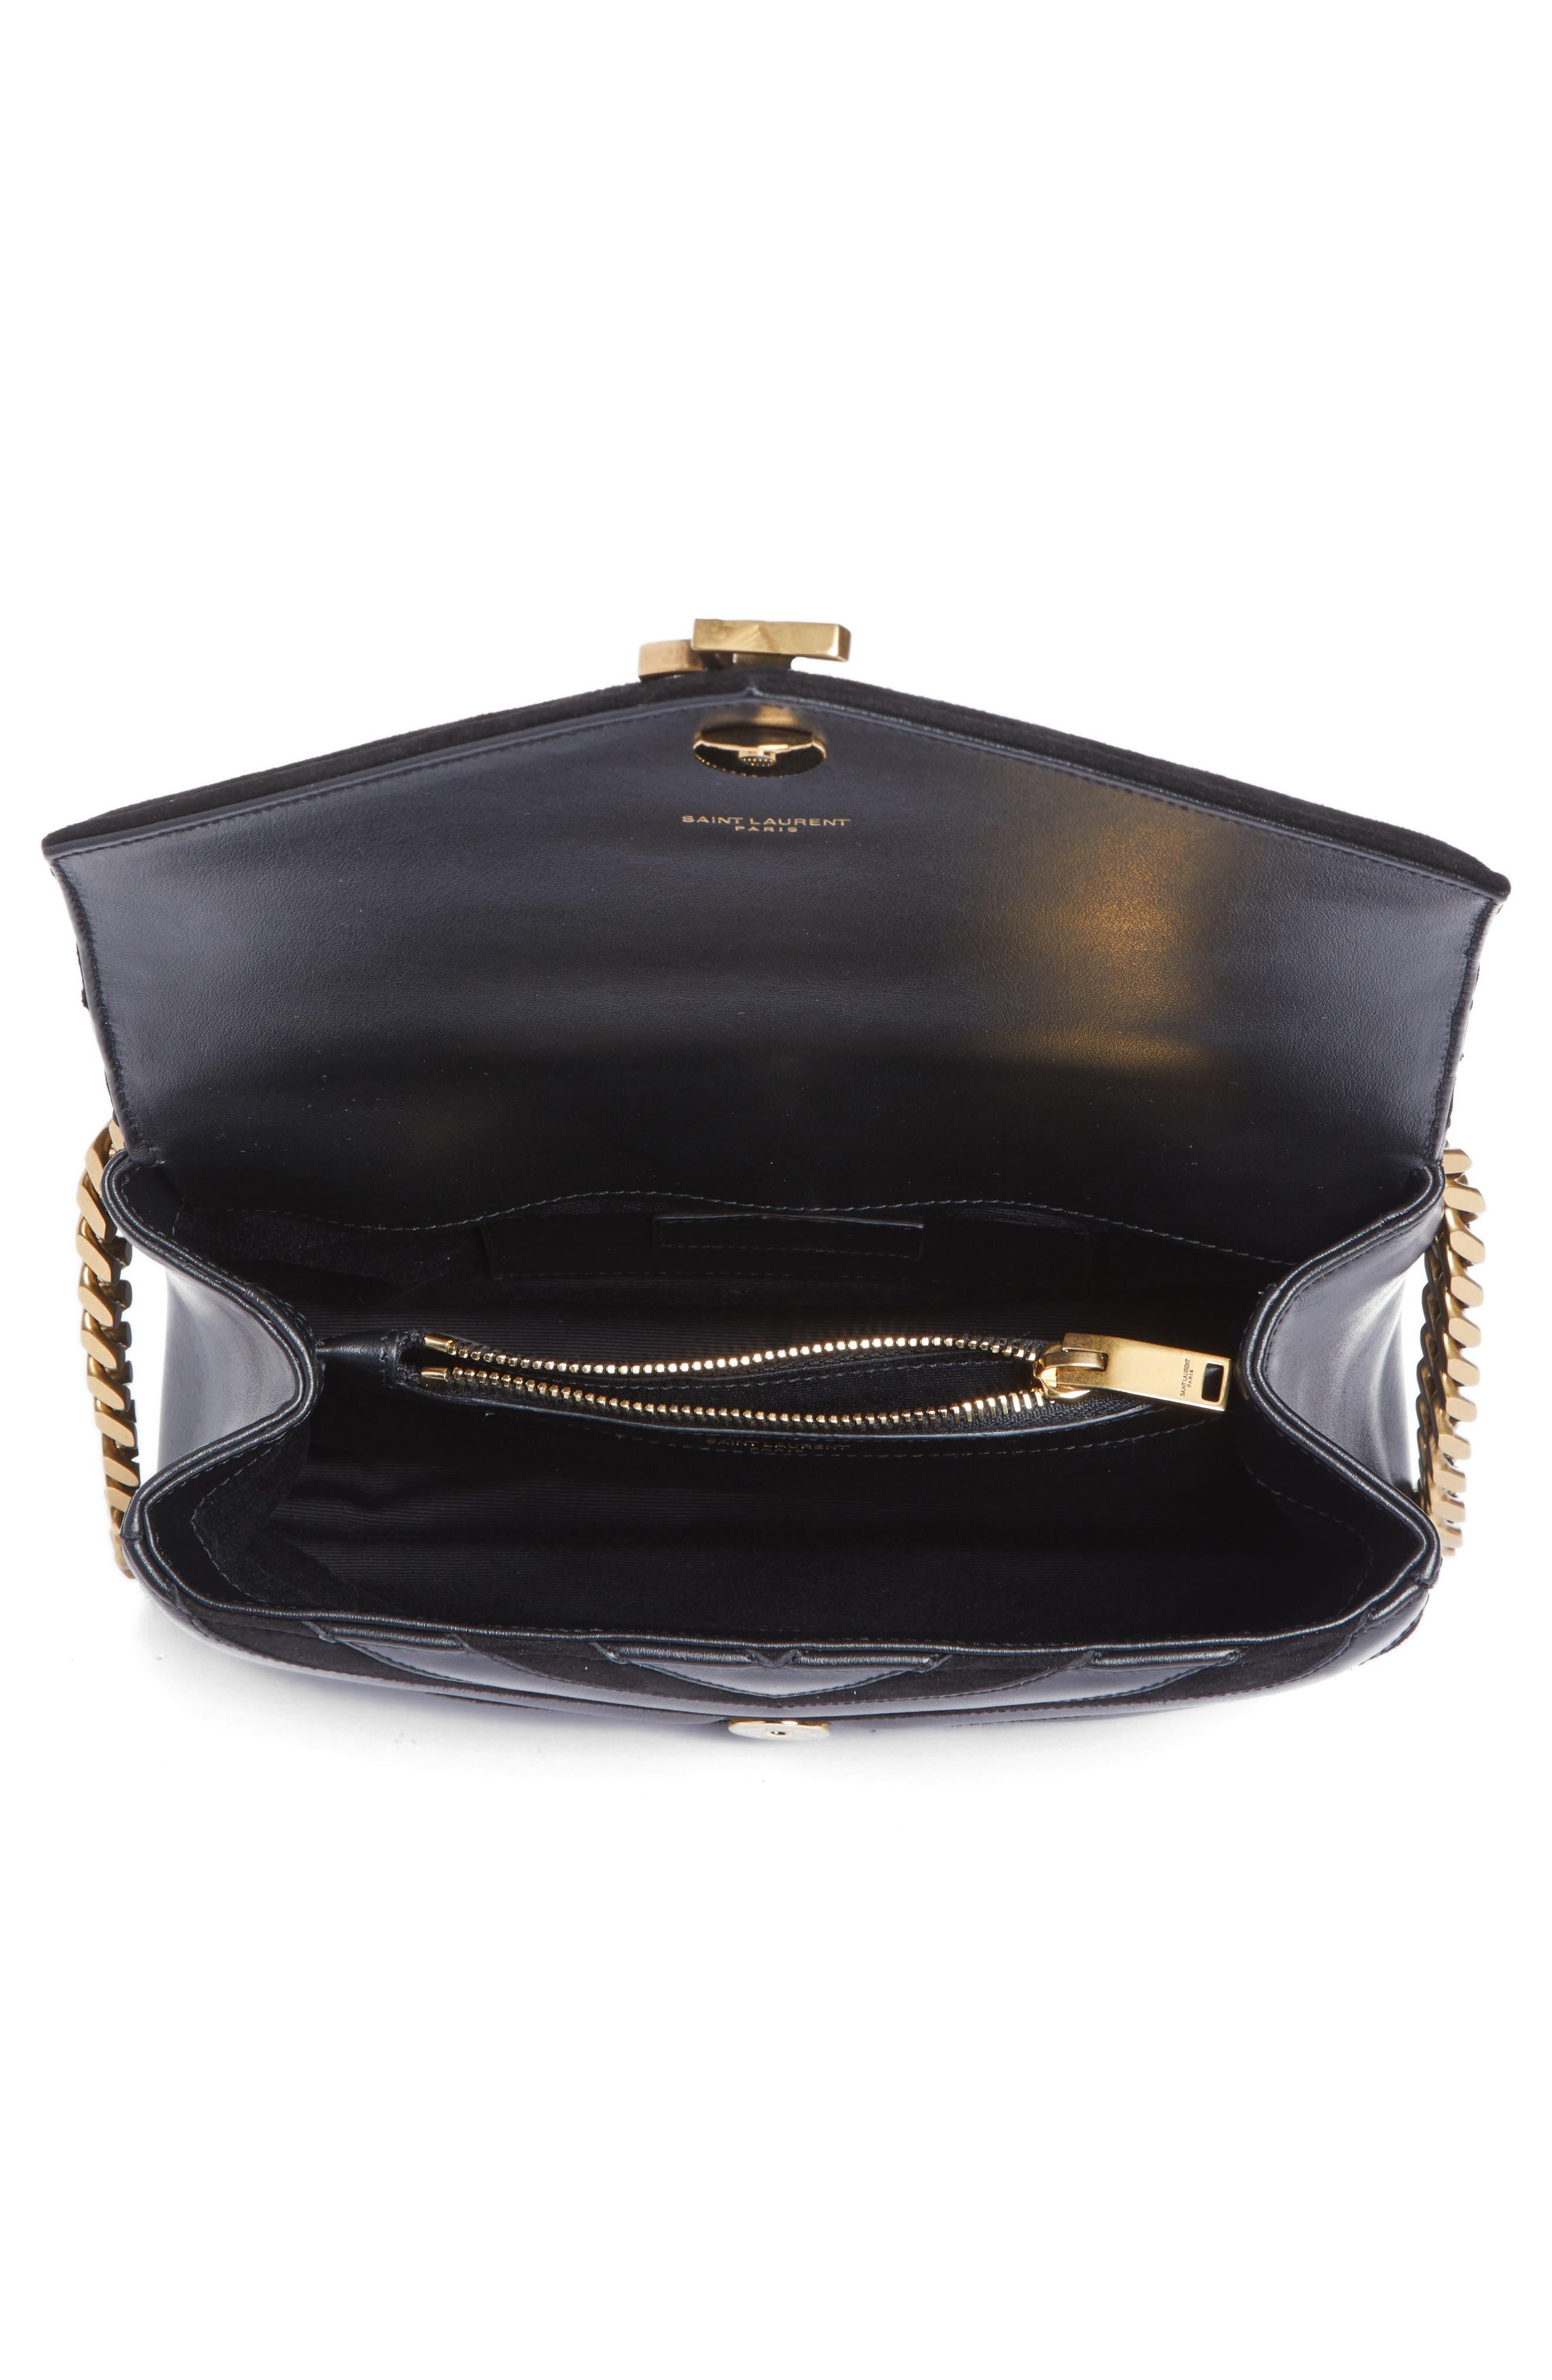 Medium College Patchwork Suede & Leather Shoulder Bag,                             Alternate thumbnail 4, color,                             001